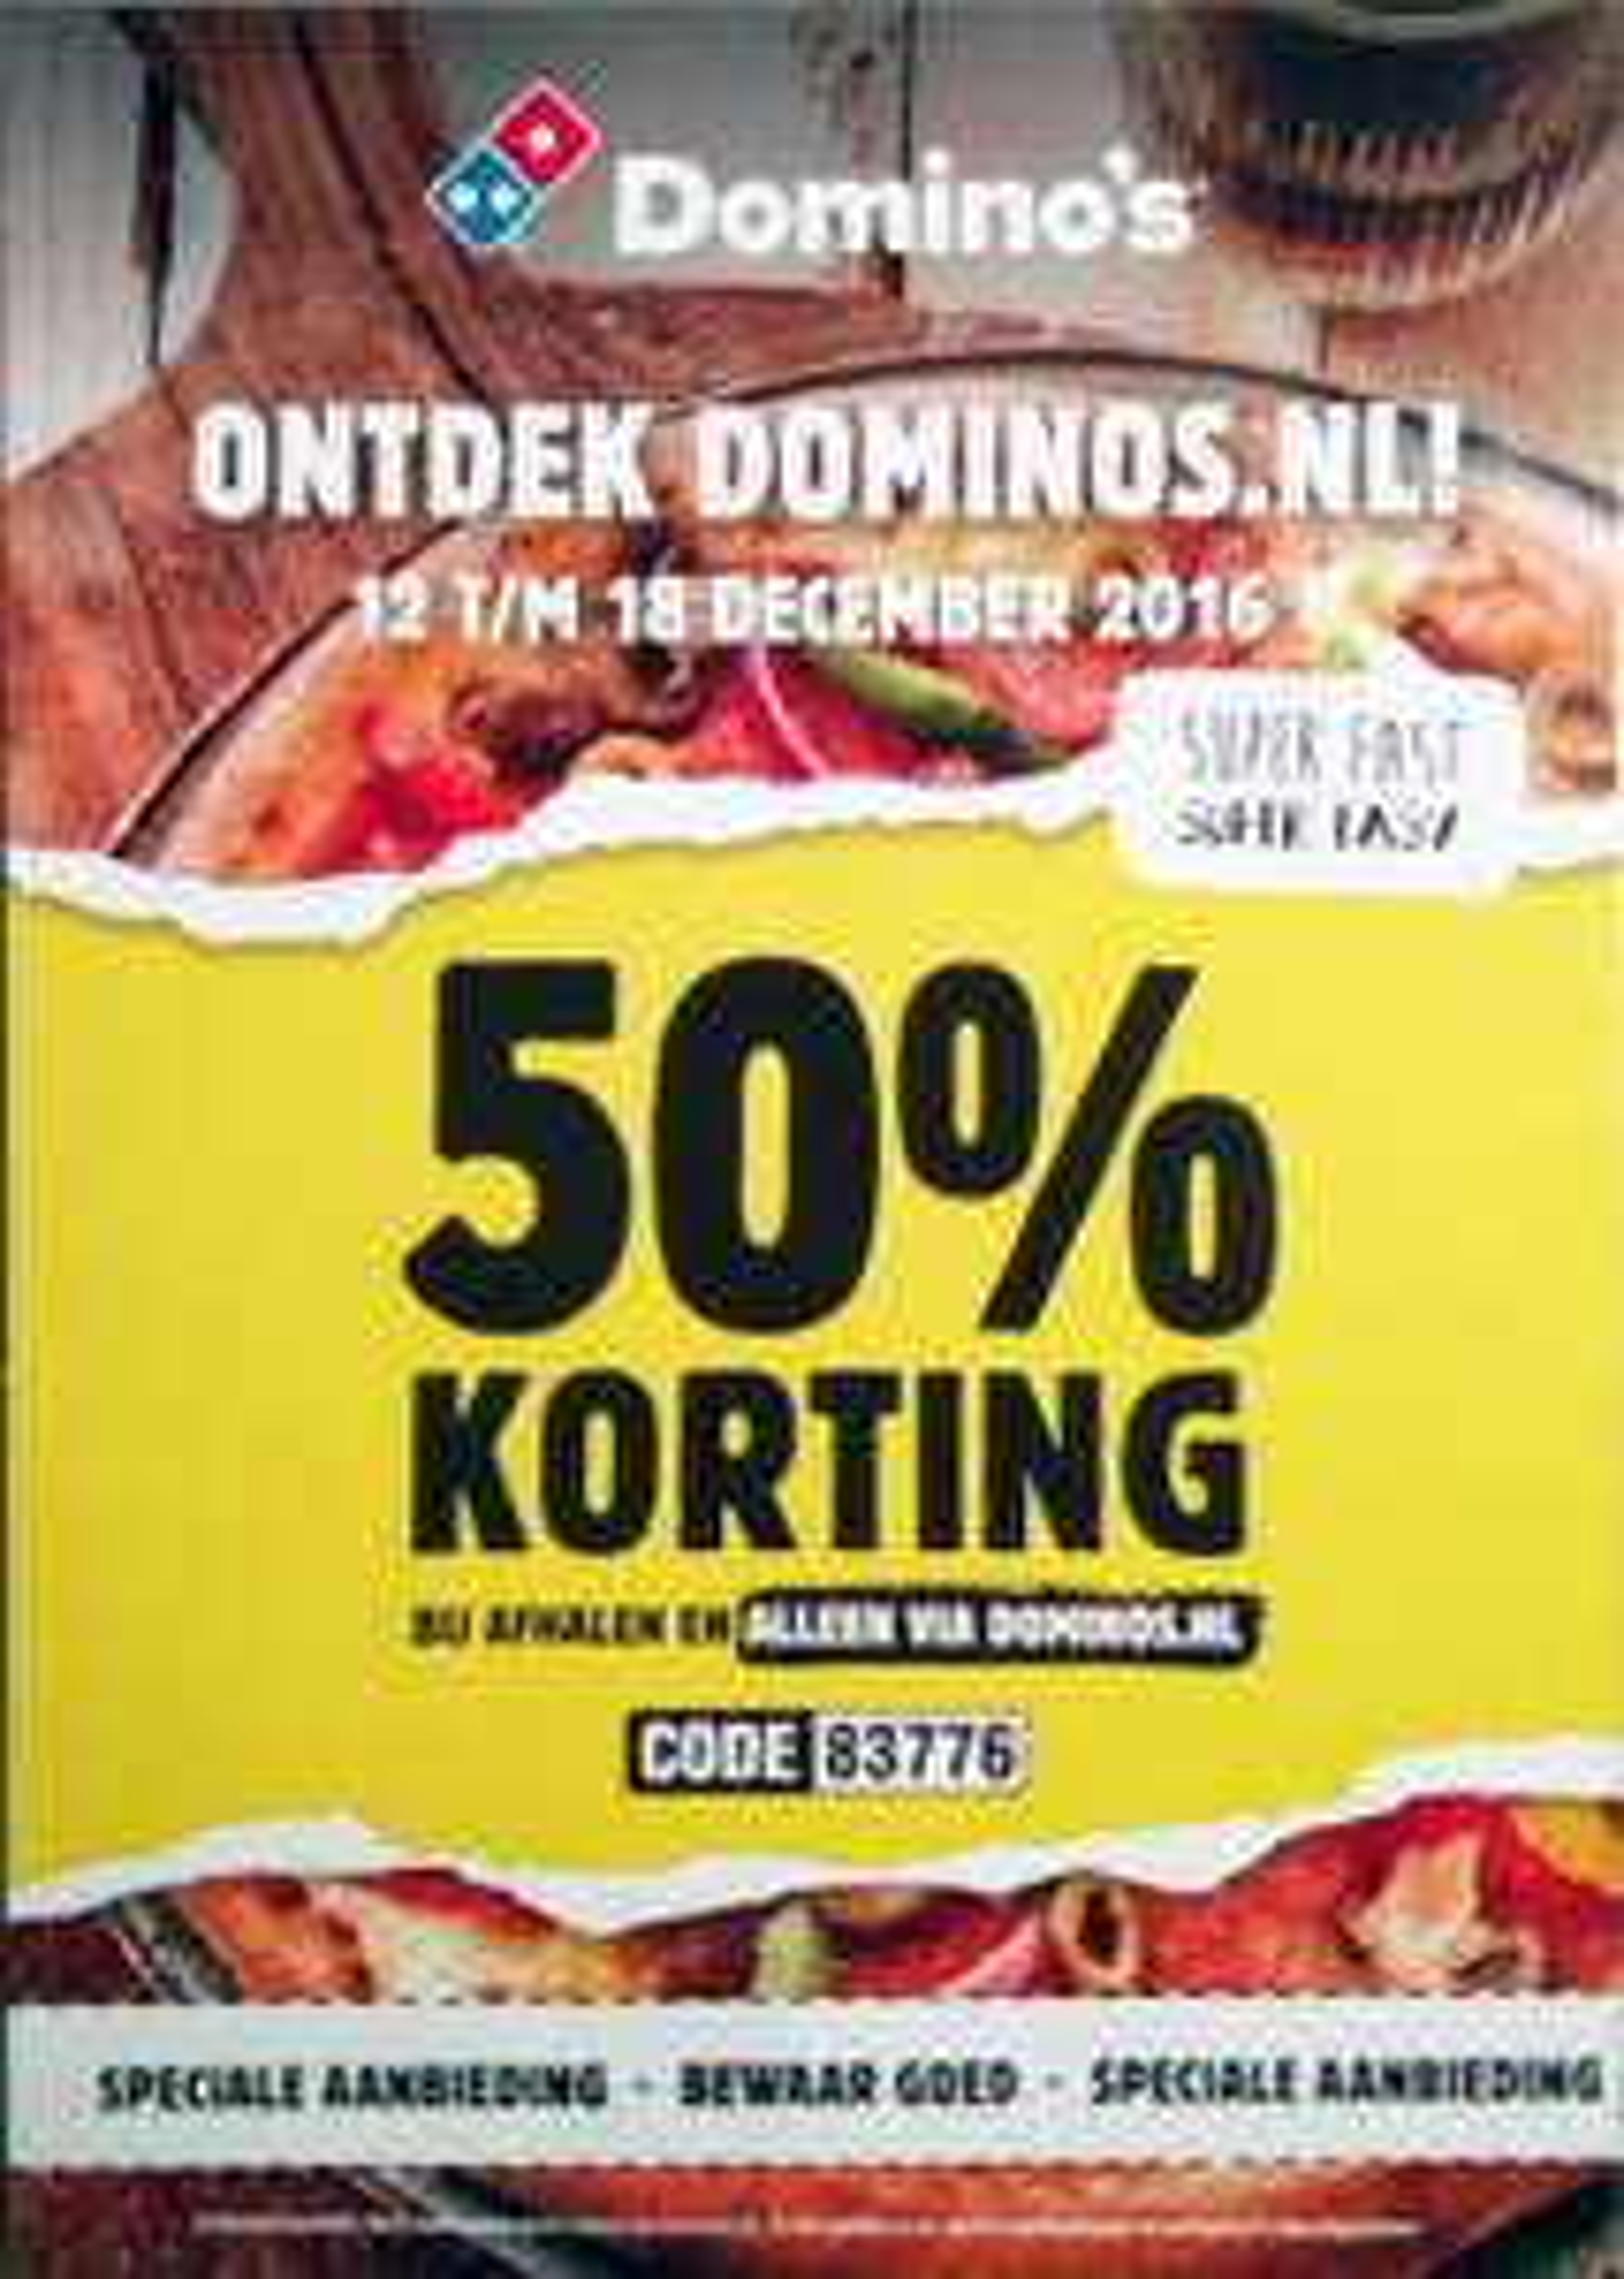 [REMINDER] 50% korting bij Domino's van 12 t/m 18 december